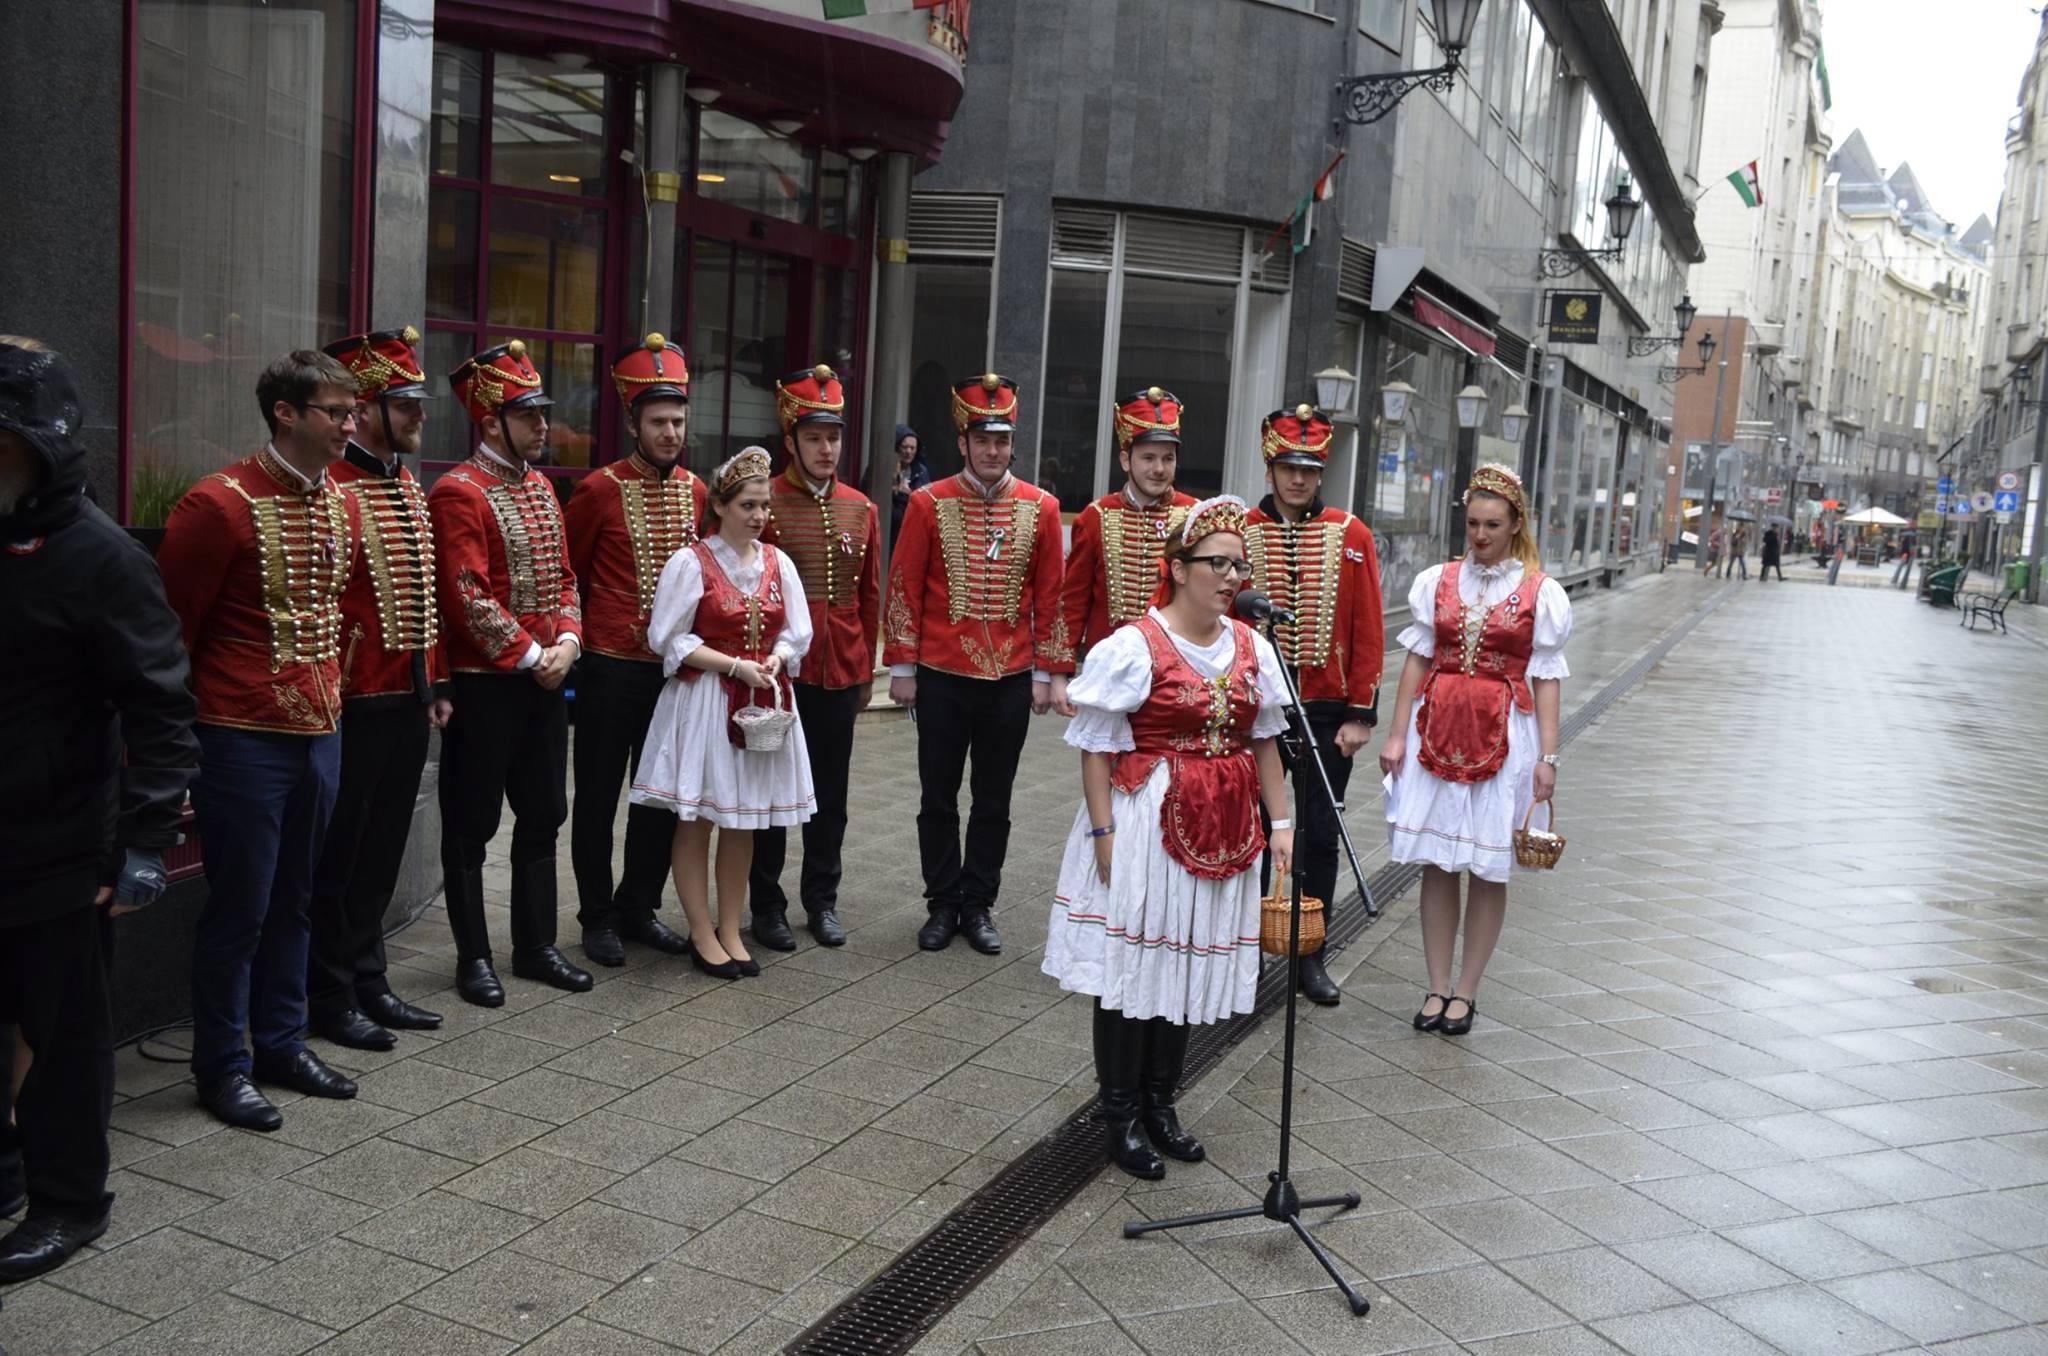 Fidelitasosok huszár- és menyecskeruhában vonultak végig a Váci utcán